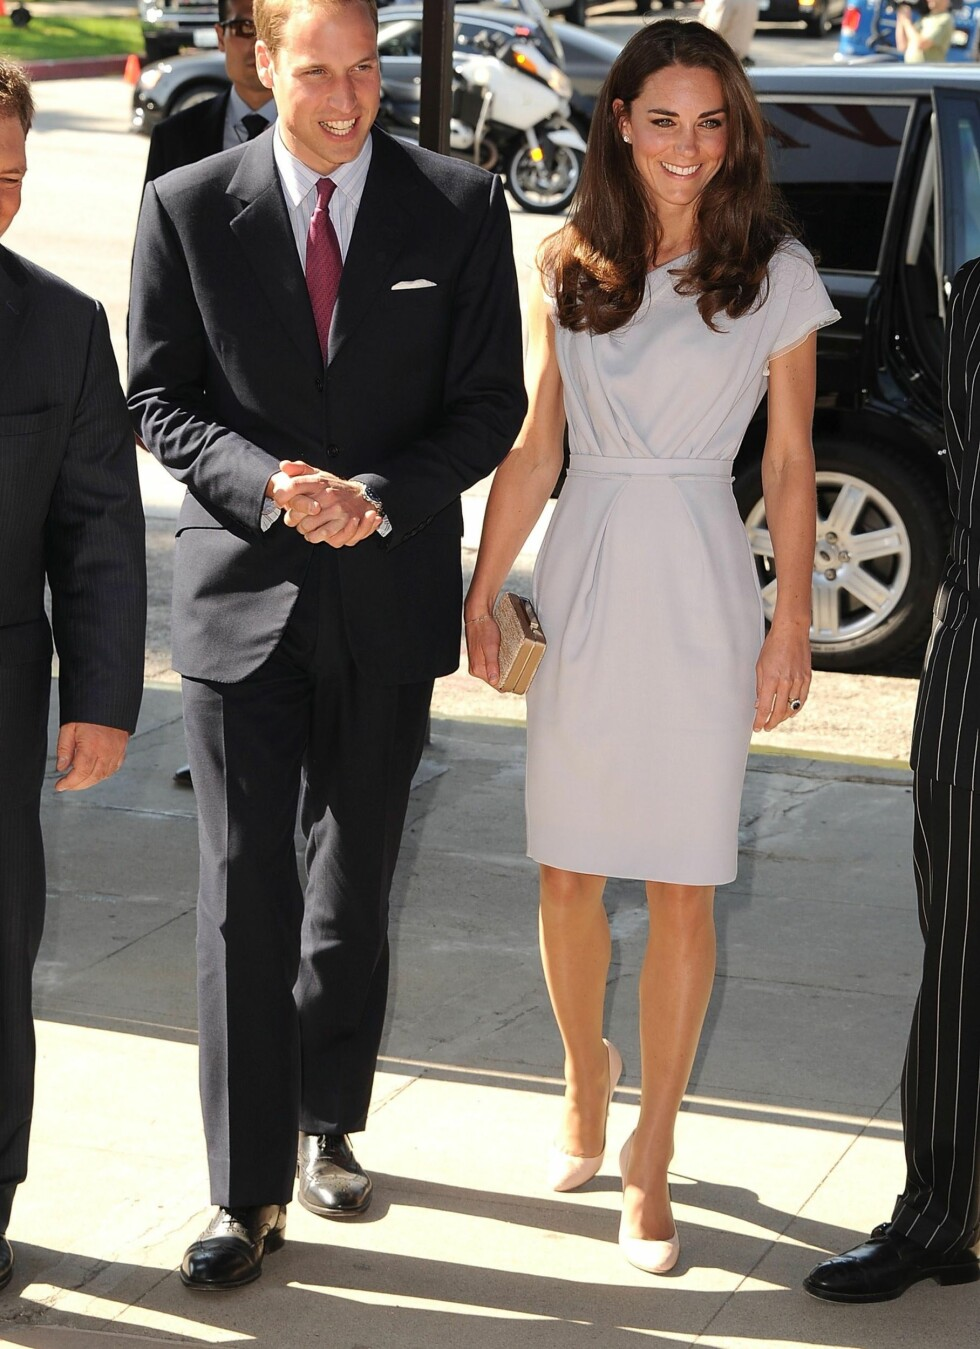 Prins William og Kate Middleton deltar på en event ved the Beverly Hilton Hotel i Beverly Hills. Skoene er selvsagt på plass. Foto: All Over Press